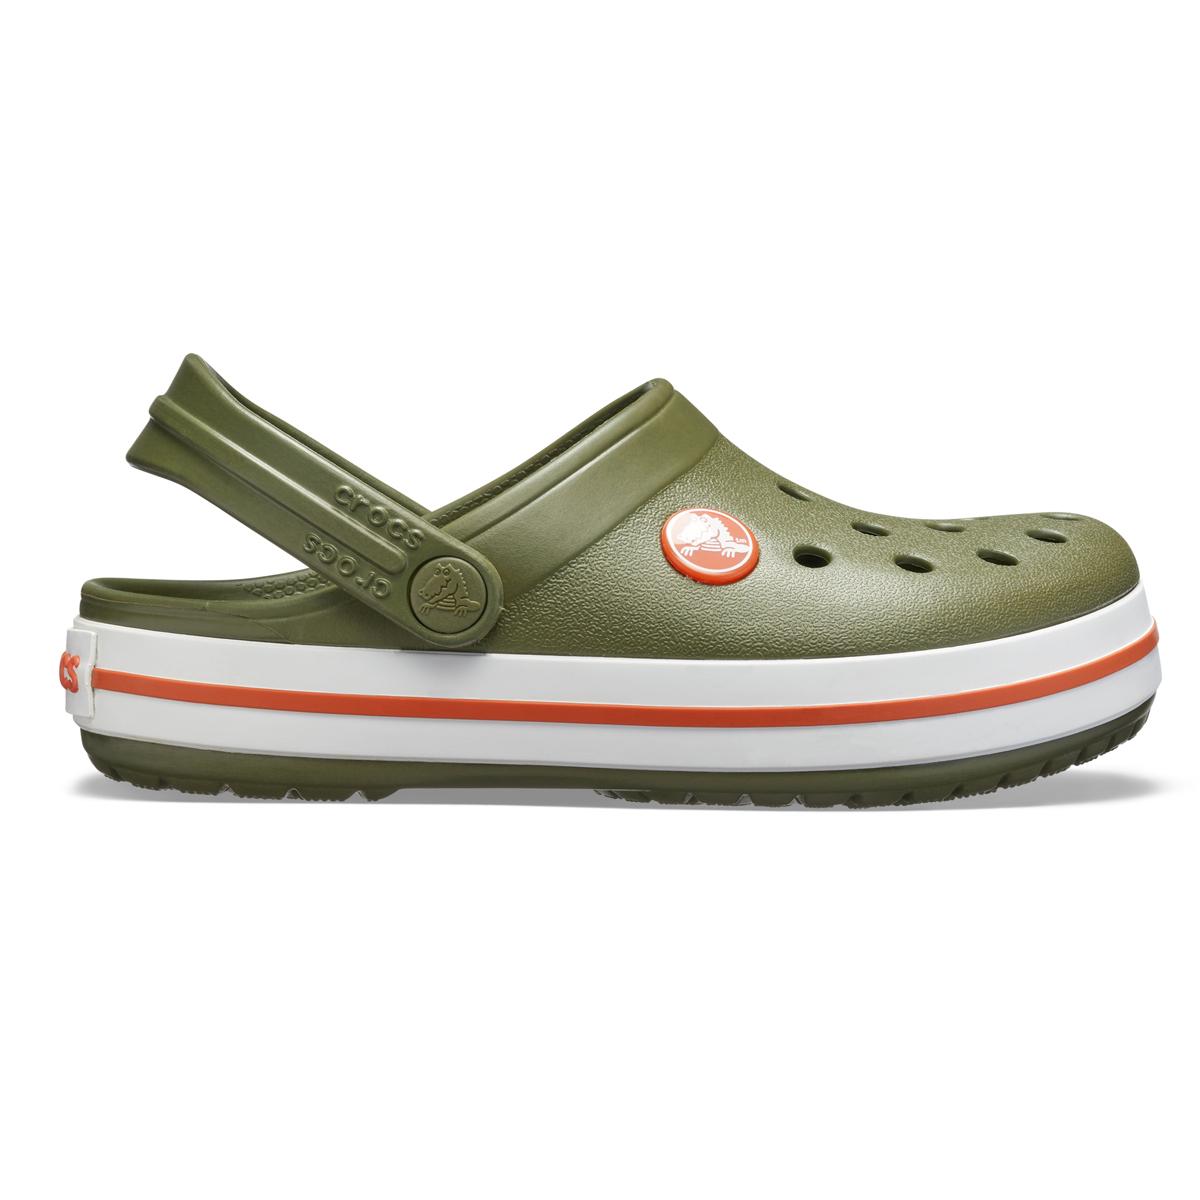 Crocs Crocband Clog K - Askeri yeşil/Yanık Sienna